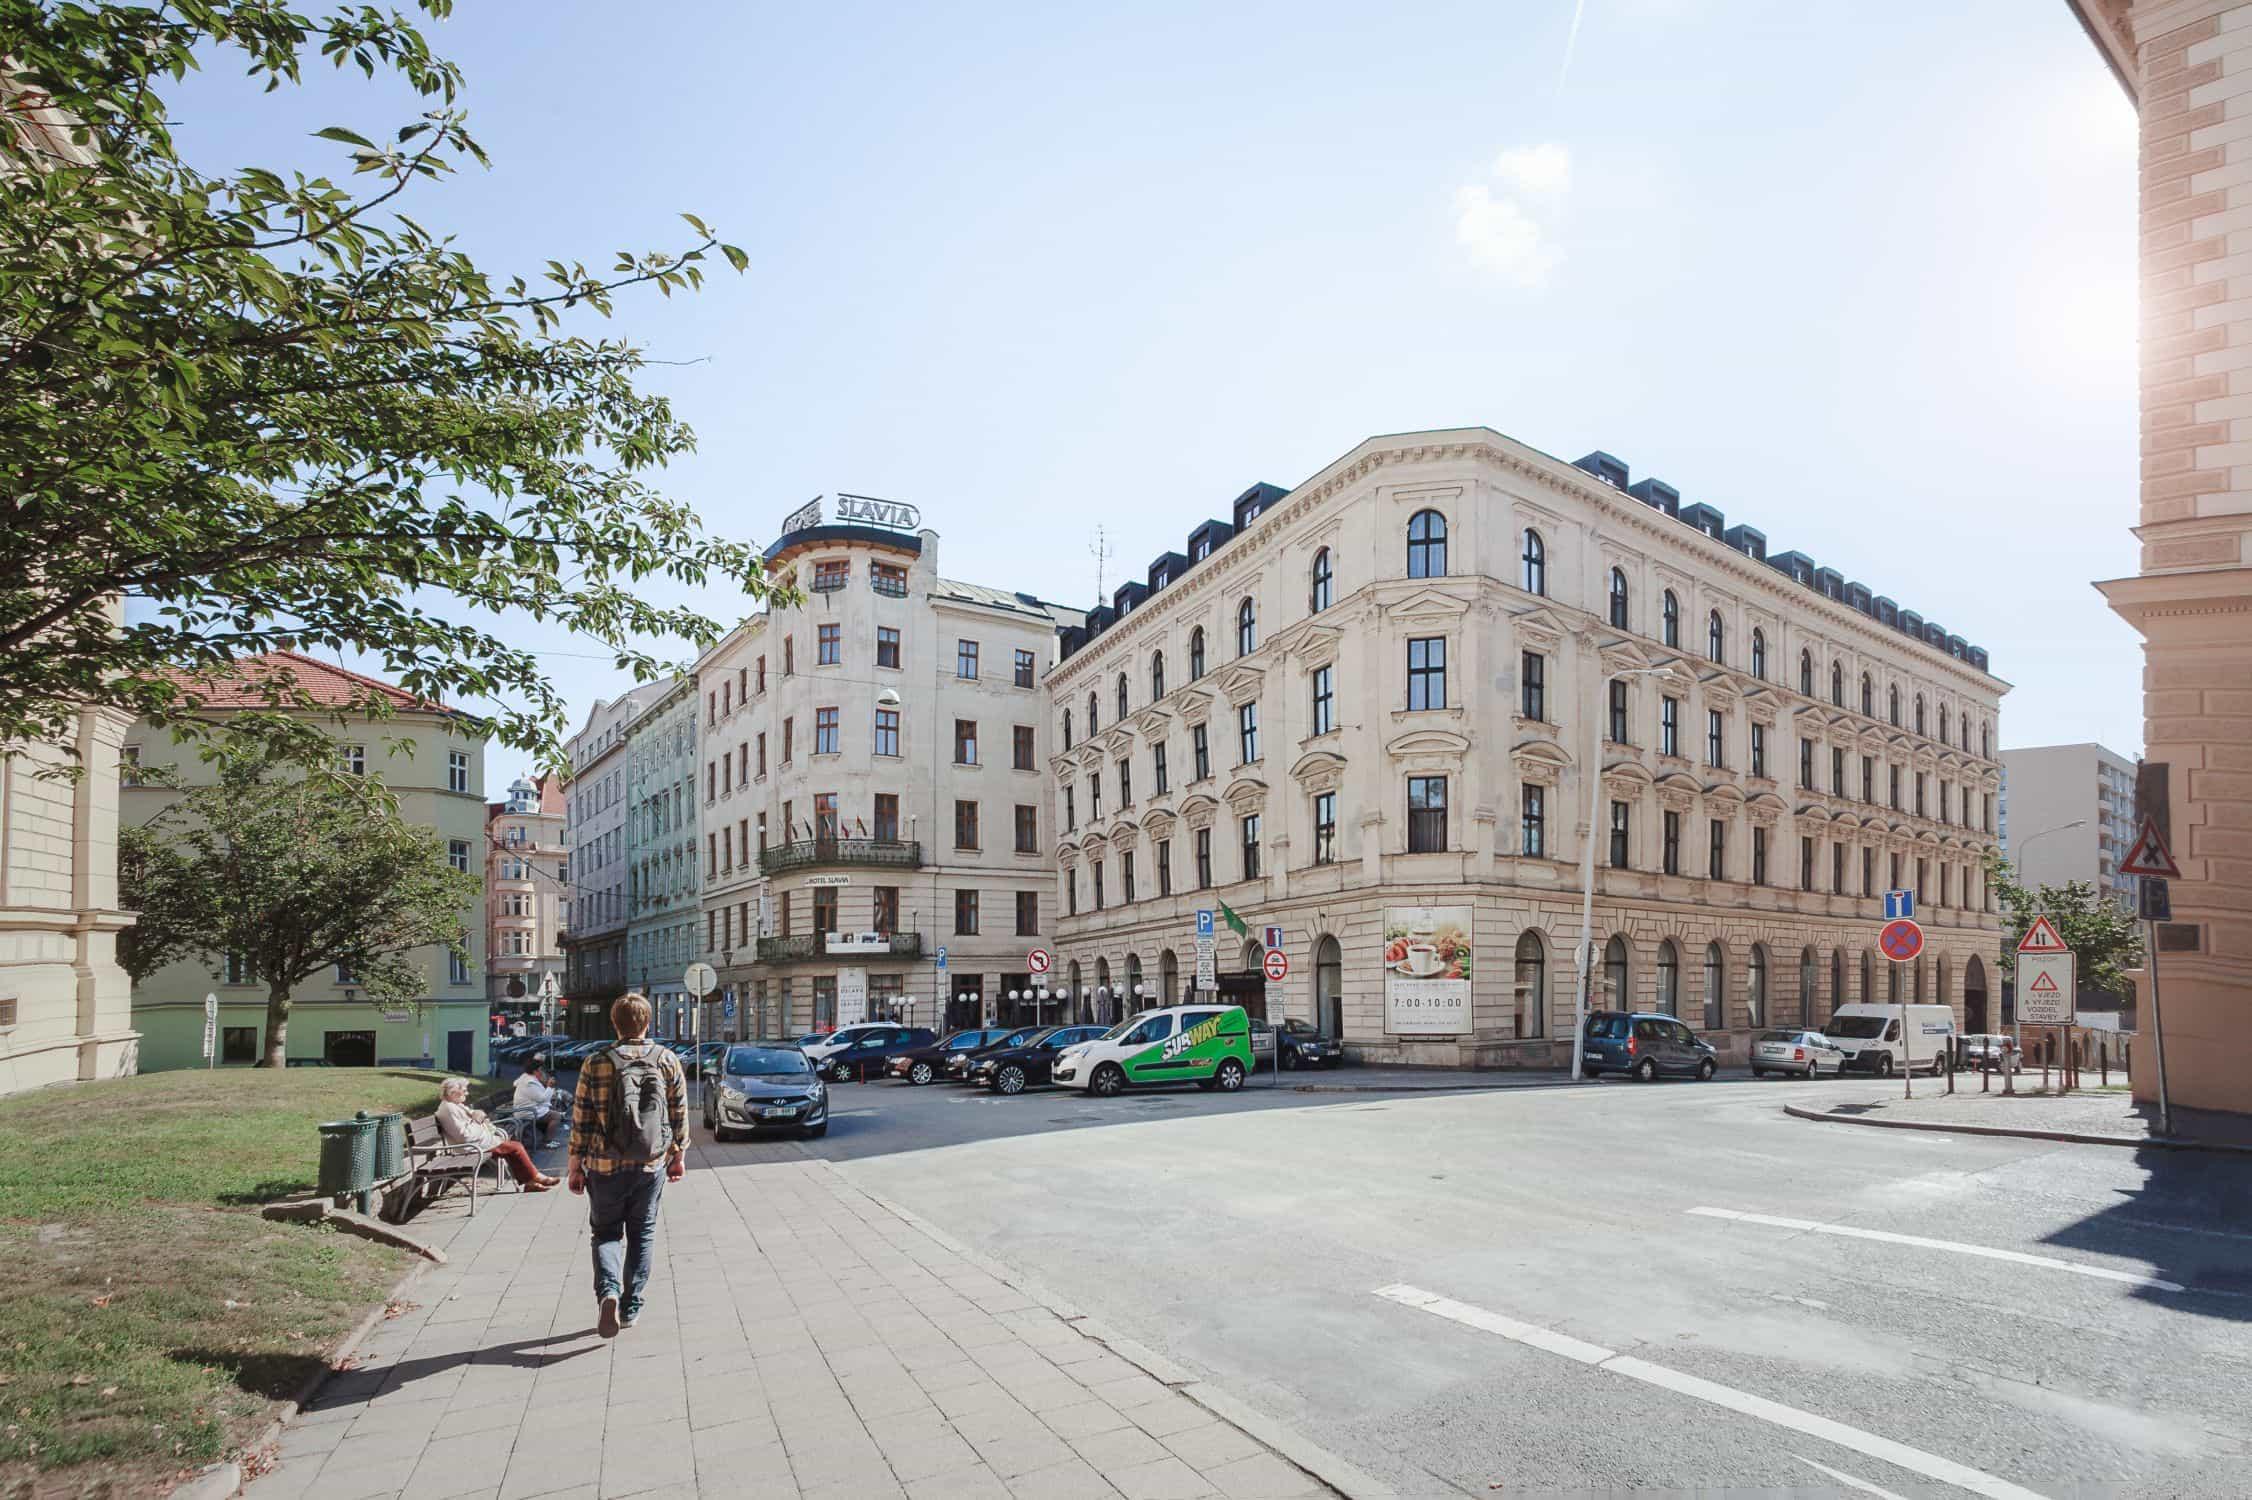 Hotel Slavia in Brno